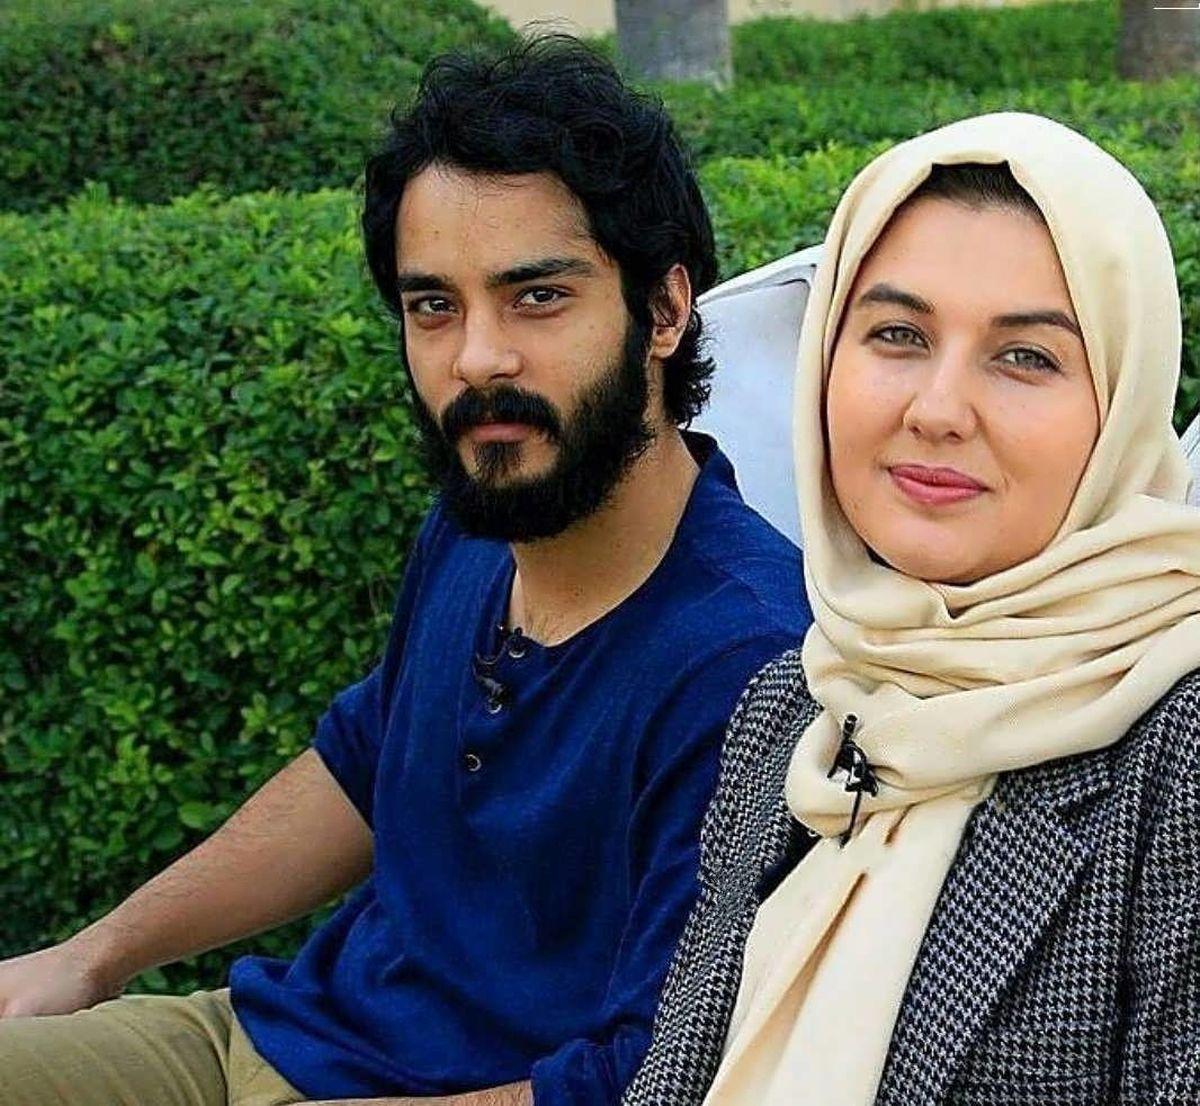 بازیگران ایرانی که همسر خارجی دارند +تصاویر دونفره